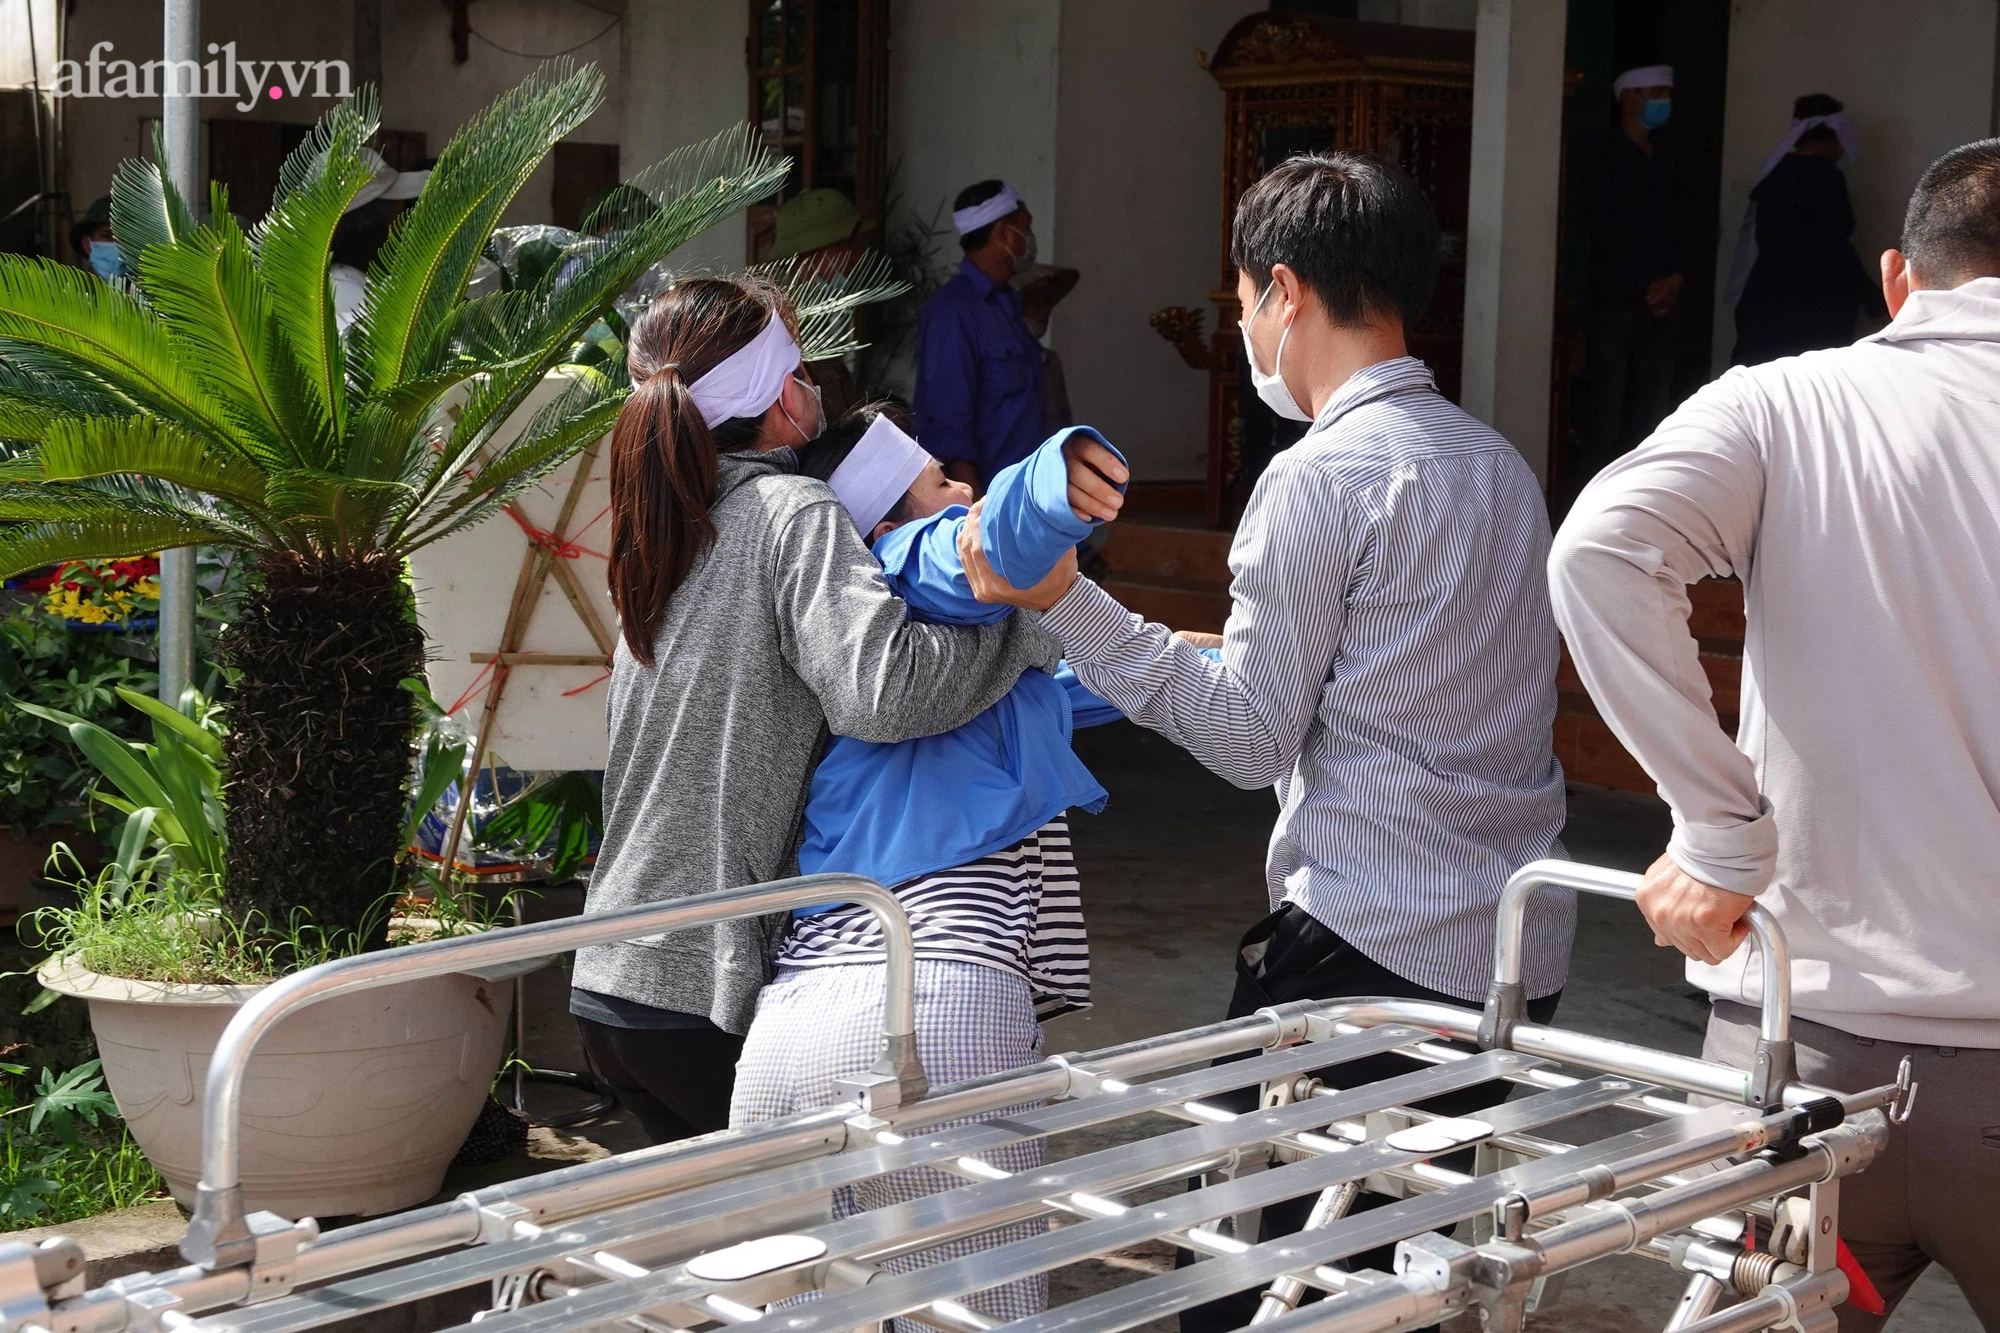 Công an tiết lộ bất ngờ khi gã con rể sát hại cả nhà vợ đi đầu thú vẫn thản nhiên chào hỏi, bắt tay công an viên - Ảnh 2.